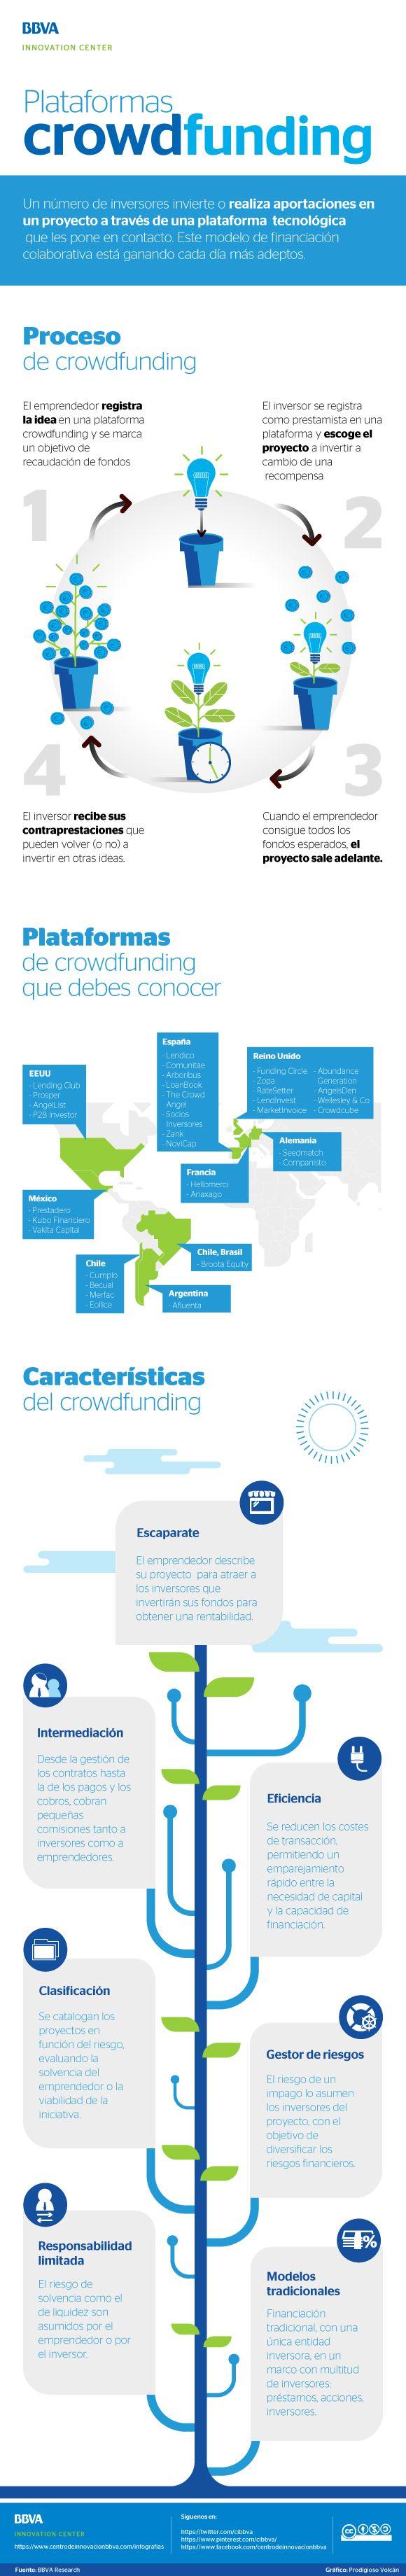 #Infografía: plataformas de crowdfunding - BBVA Innovation Center  #Infographics #infografíasBBVA